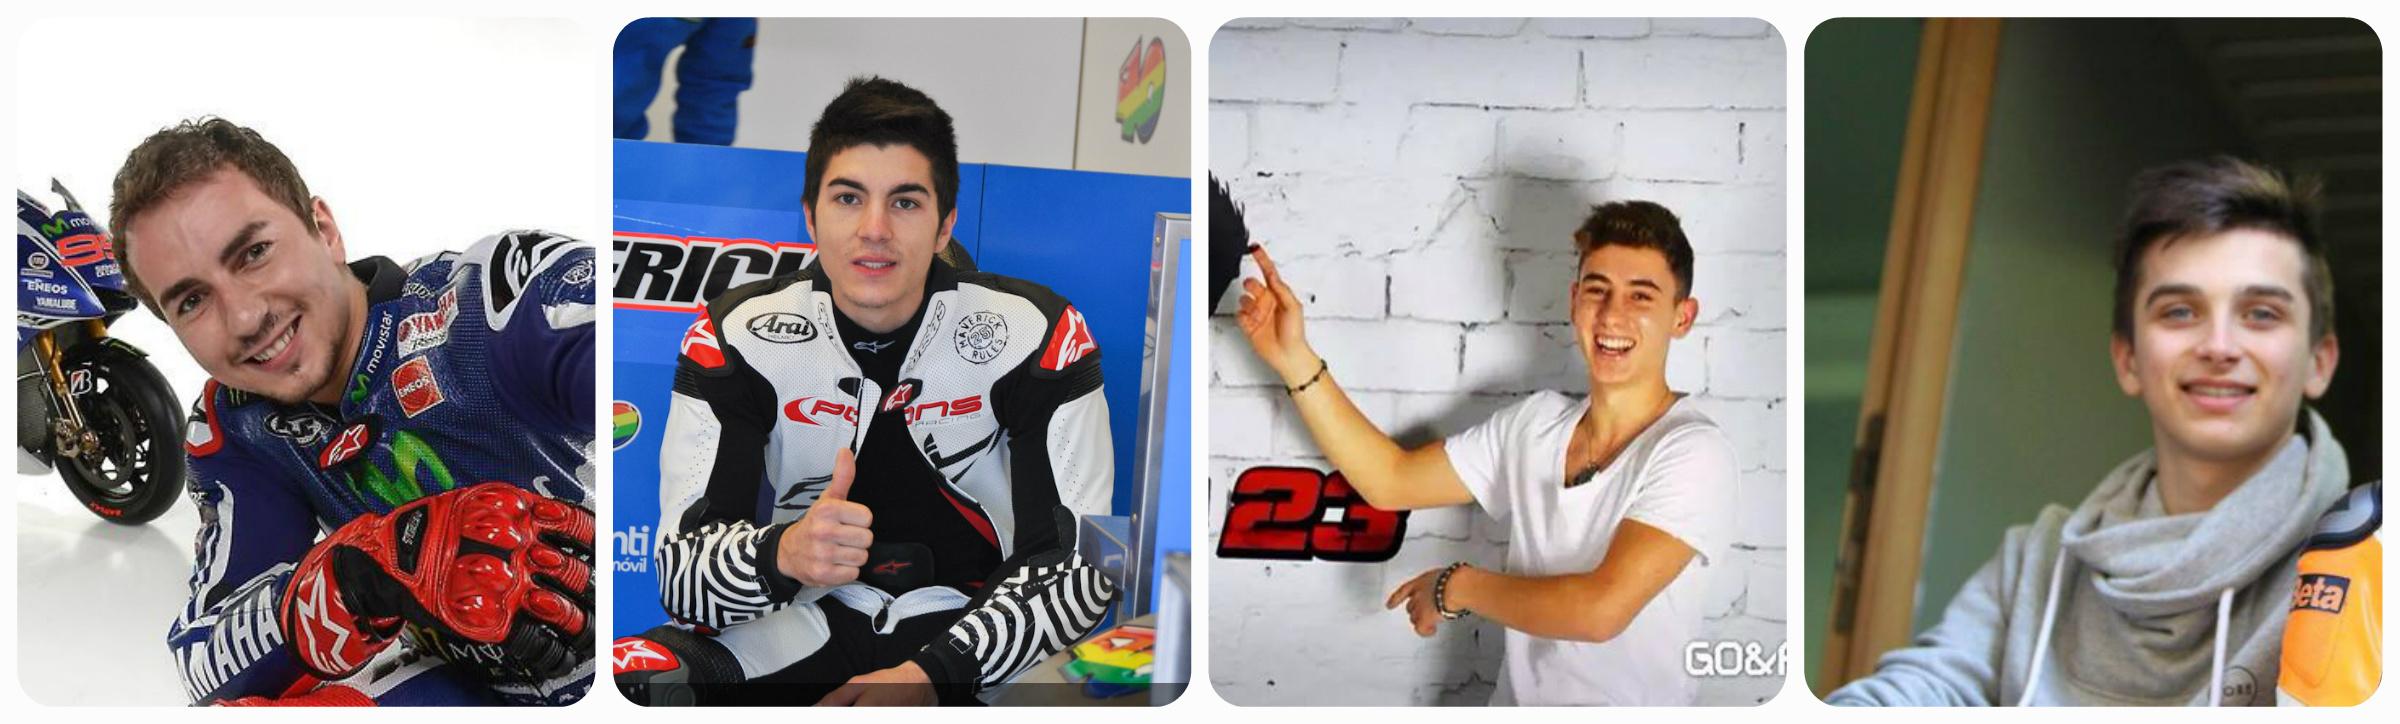 Luca Marini | Maverick Viñales